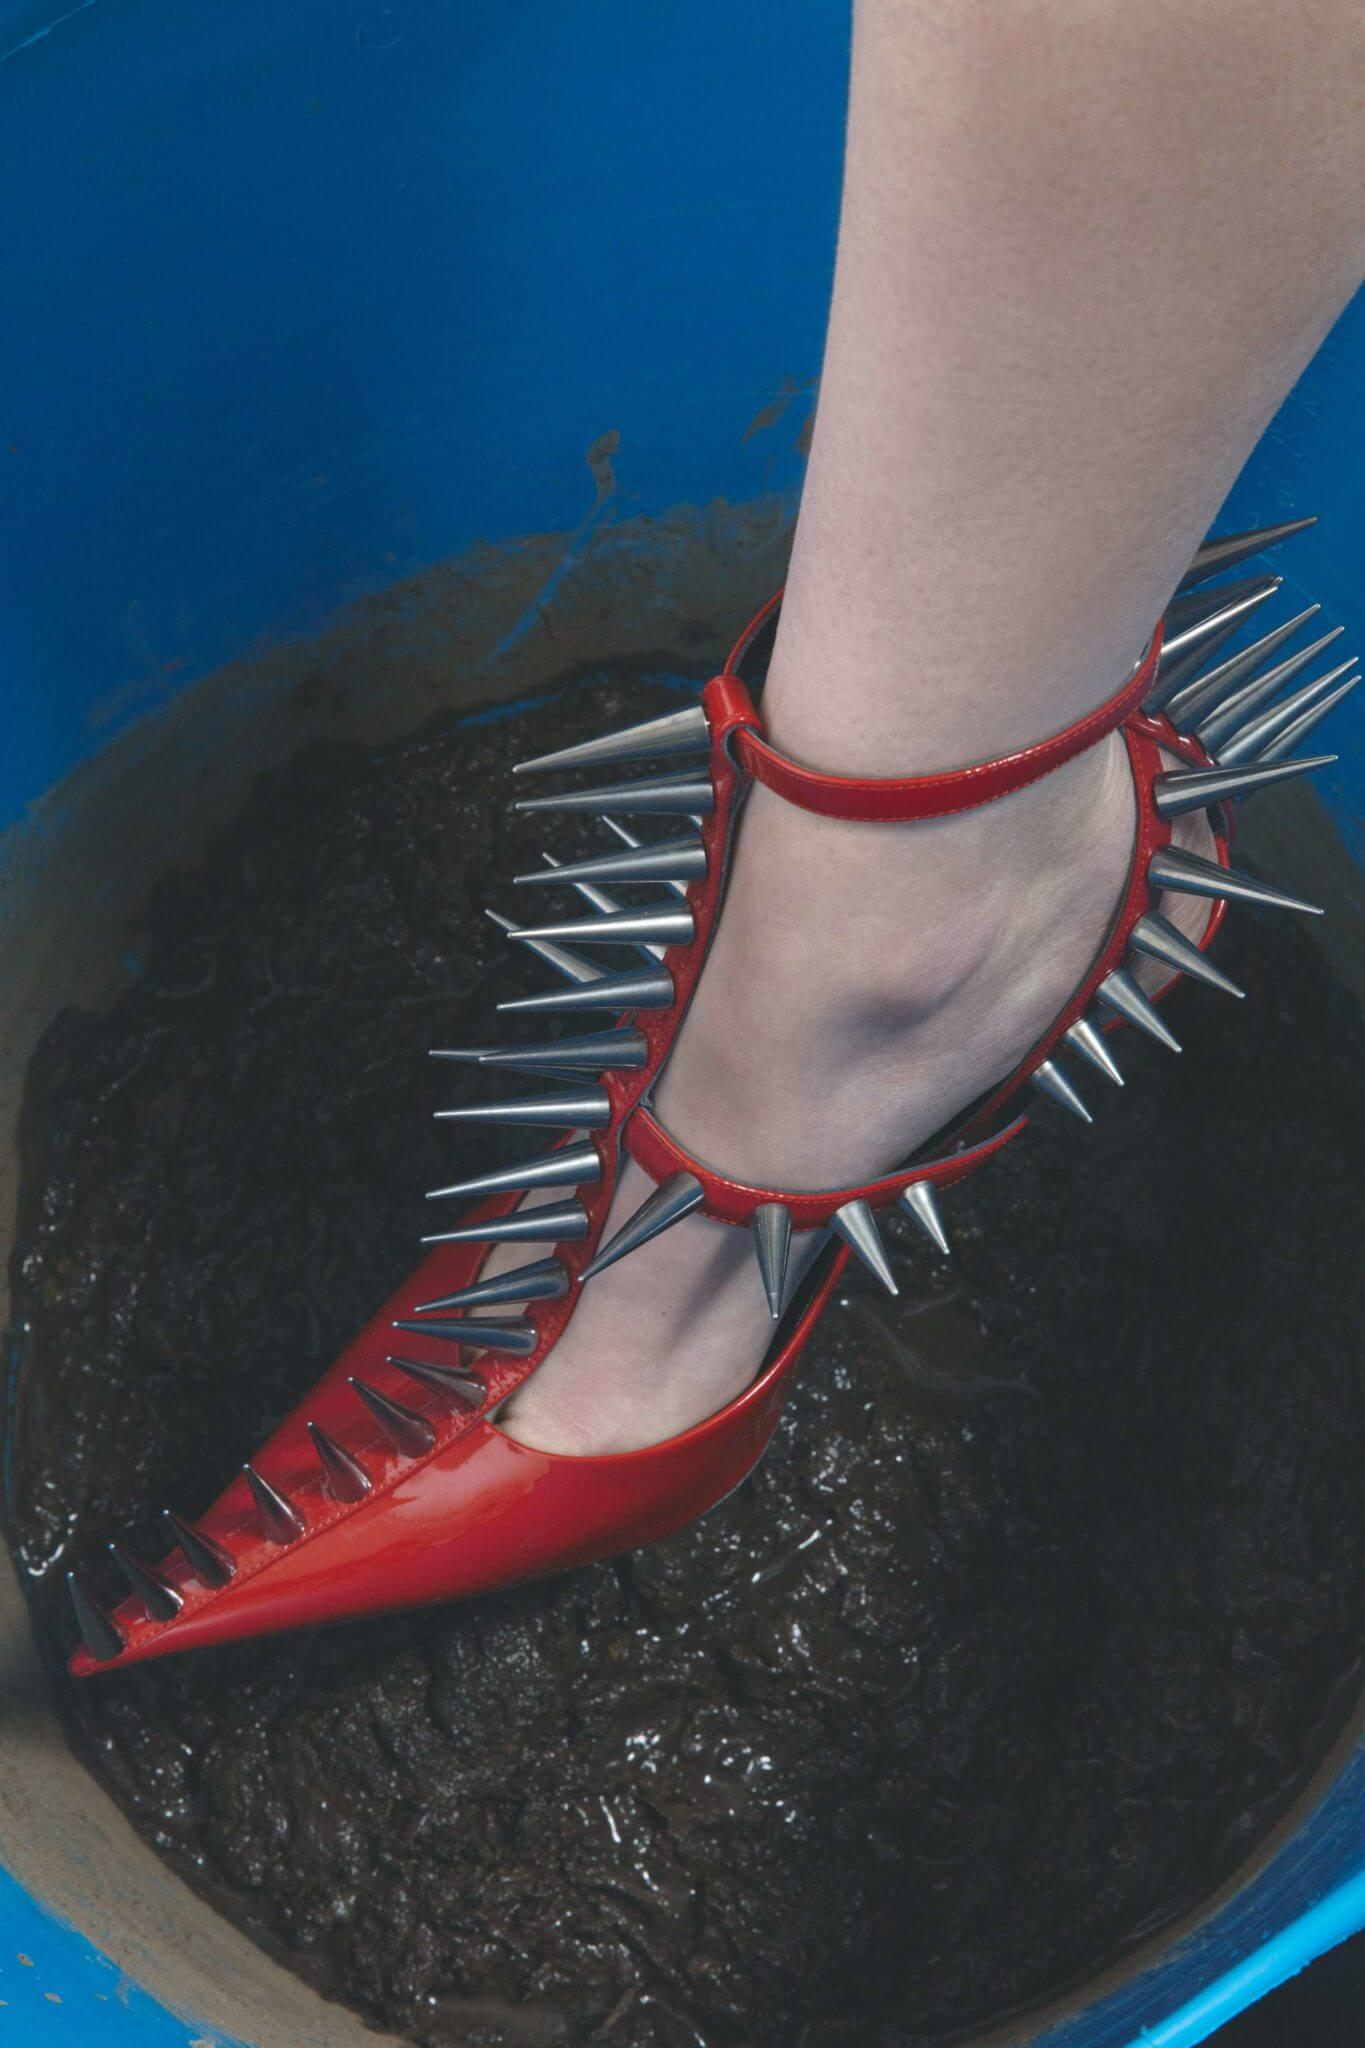 Laetitia Negre: Retratos experimentales y caóticos de cuerpos en movimiento